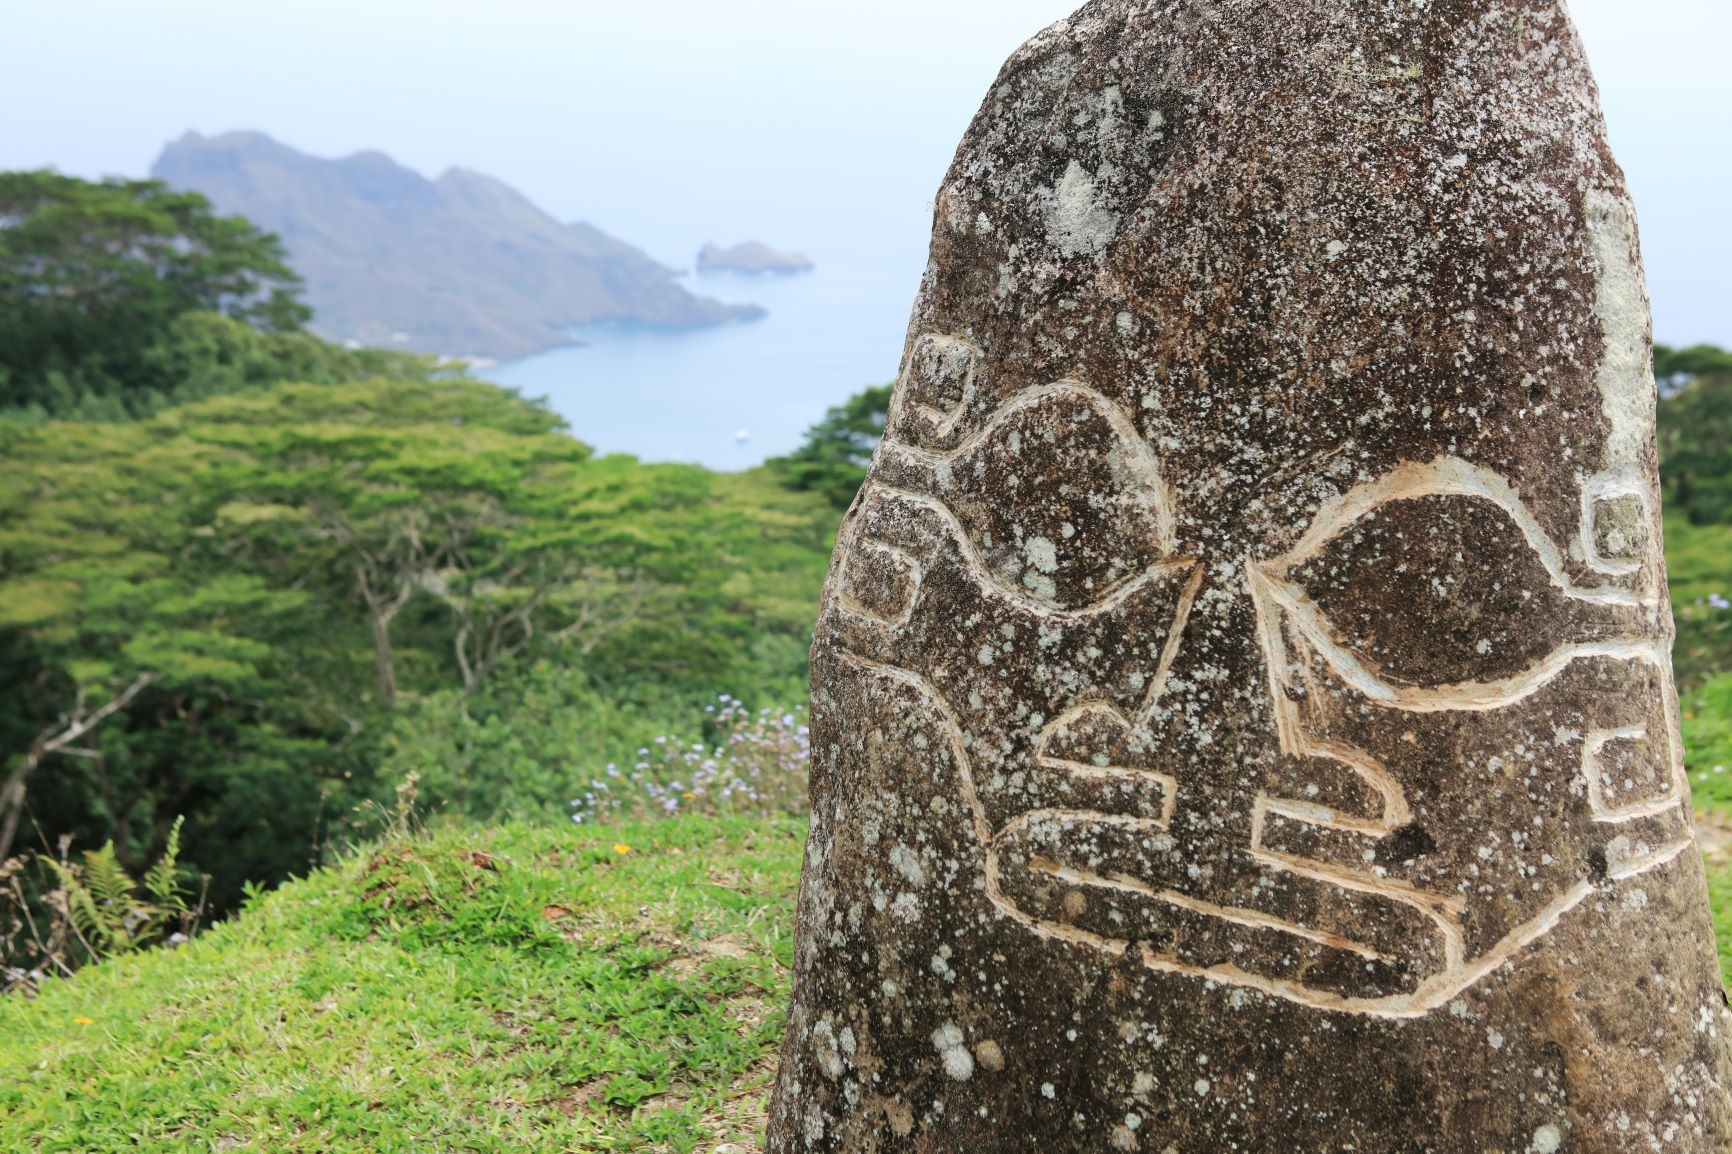 https://tahititourisme.fr/wp-content/uploads/2020/10/P2_12_Nuku-Hiva_750A1766_©-Tahiti-Tourisme.jpg